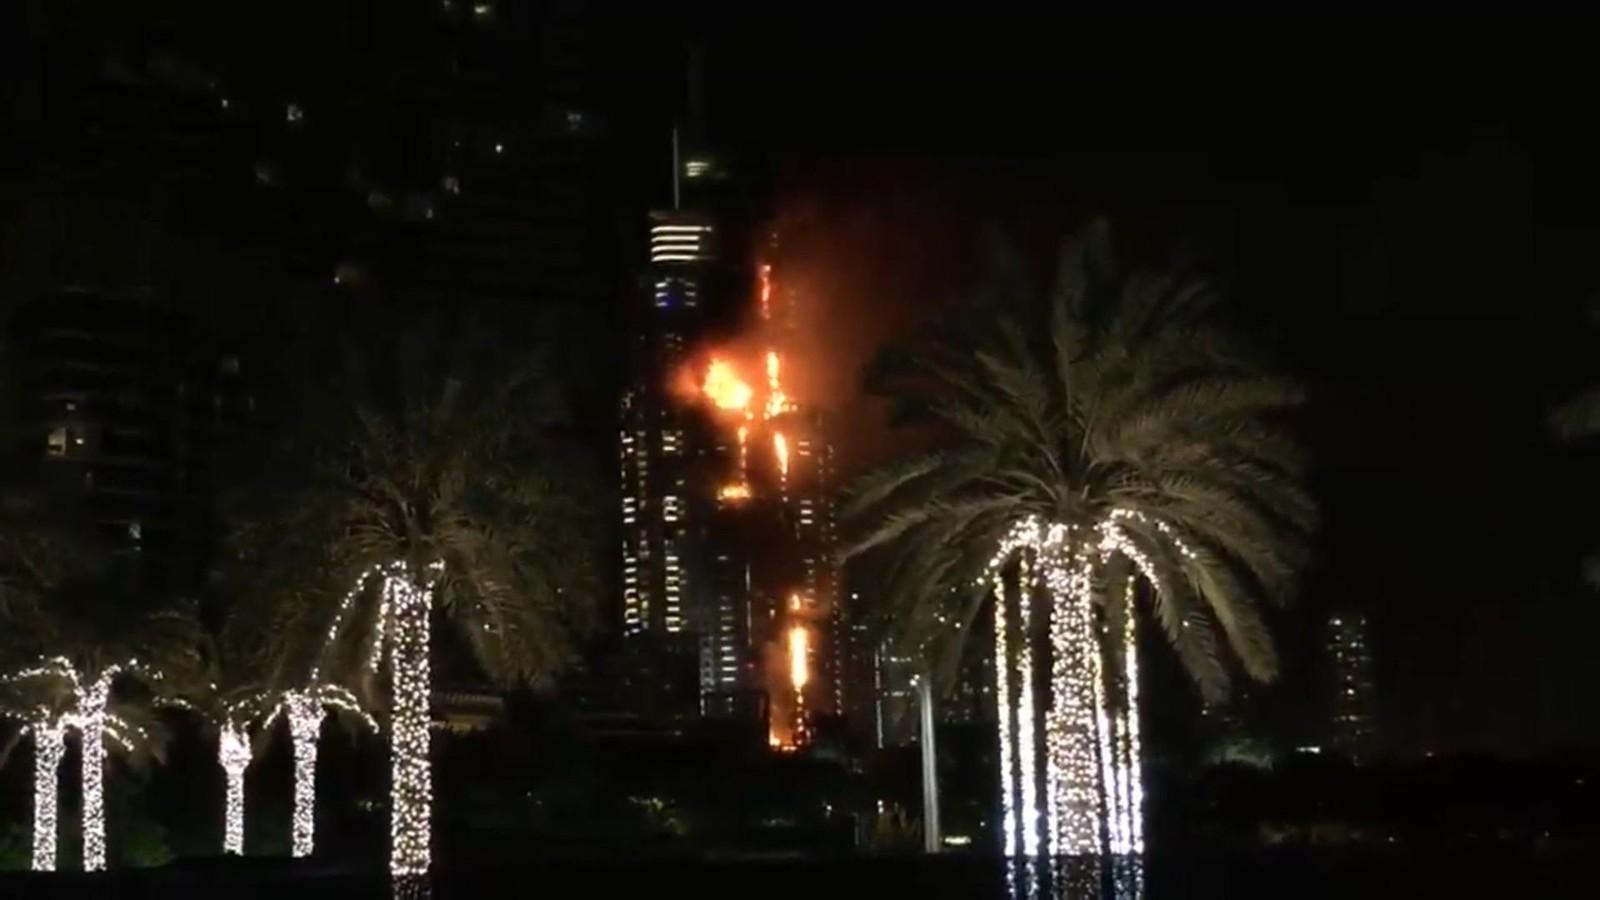 Myndighetene i De forente arabiske emirater melder at nyttårsfeiringen skal gå som normalt med fyrverkei, til tross for storbrannen i Address Hotel nyttårsaften.